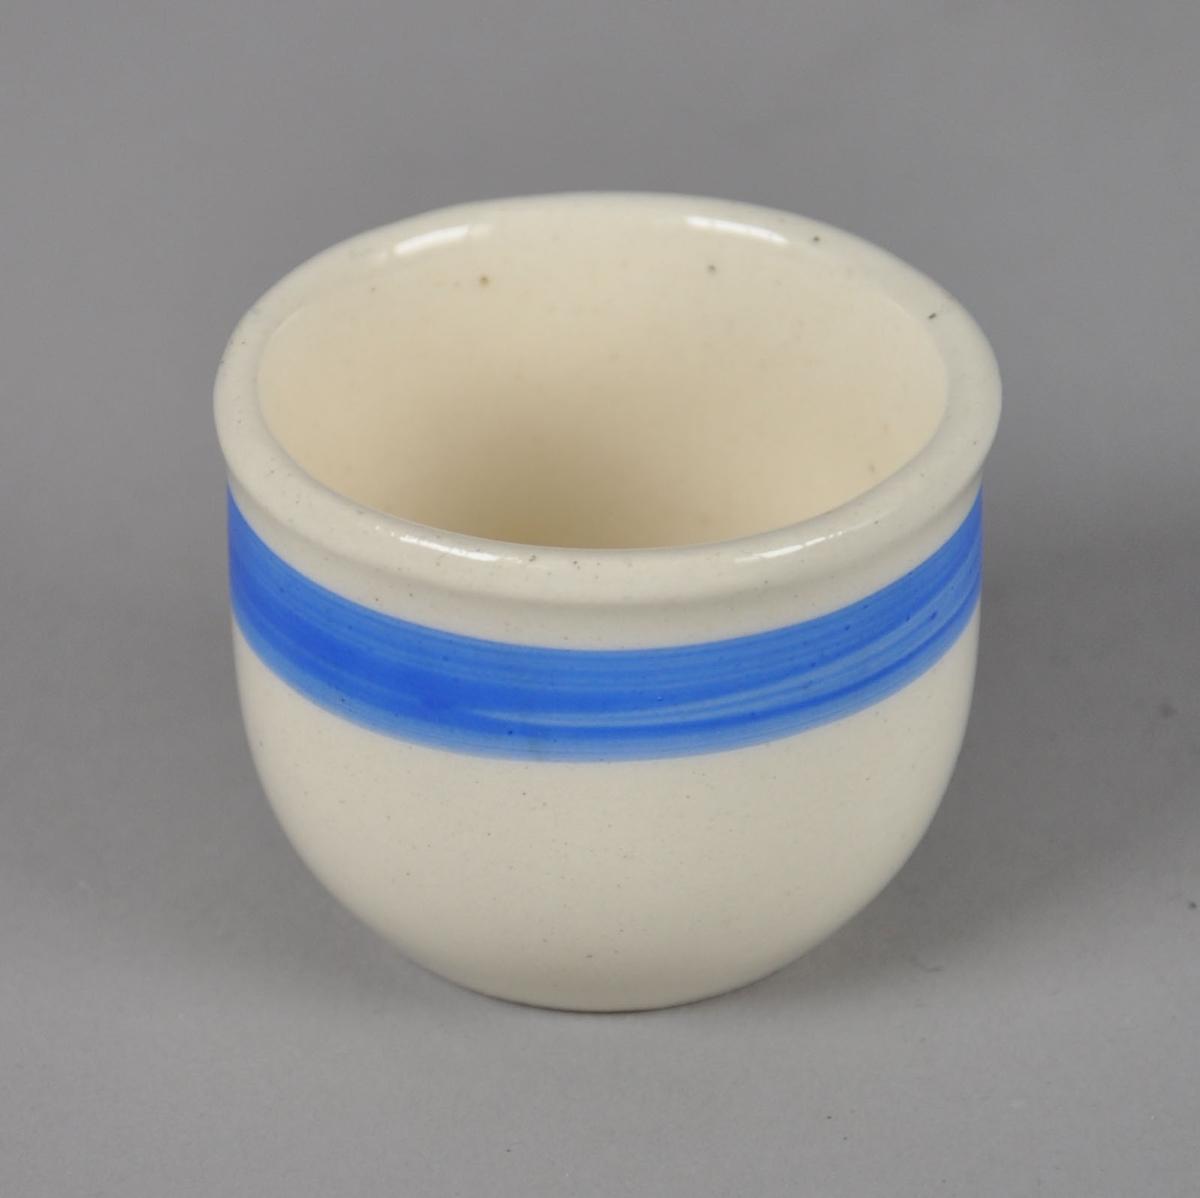 Eggeglass av glassert keramikk, med påmalt blå stripe ved kanten.